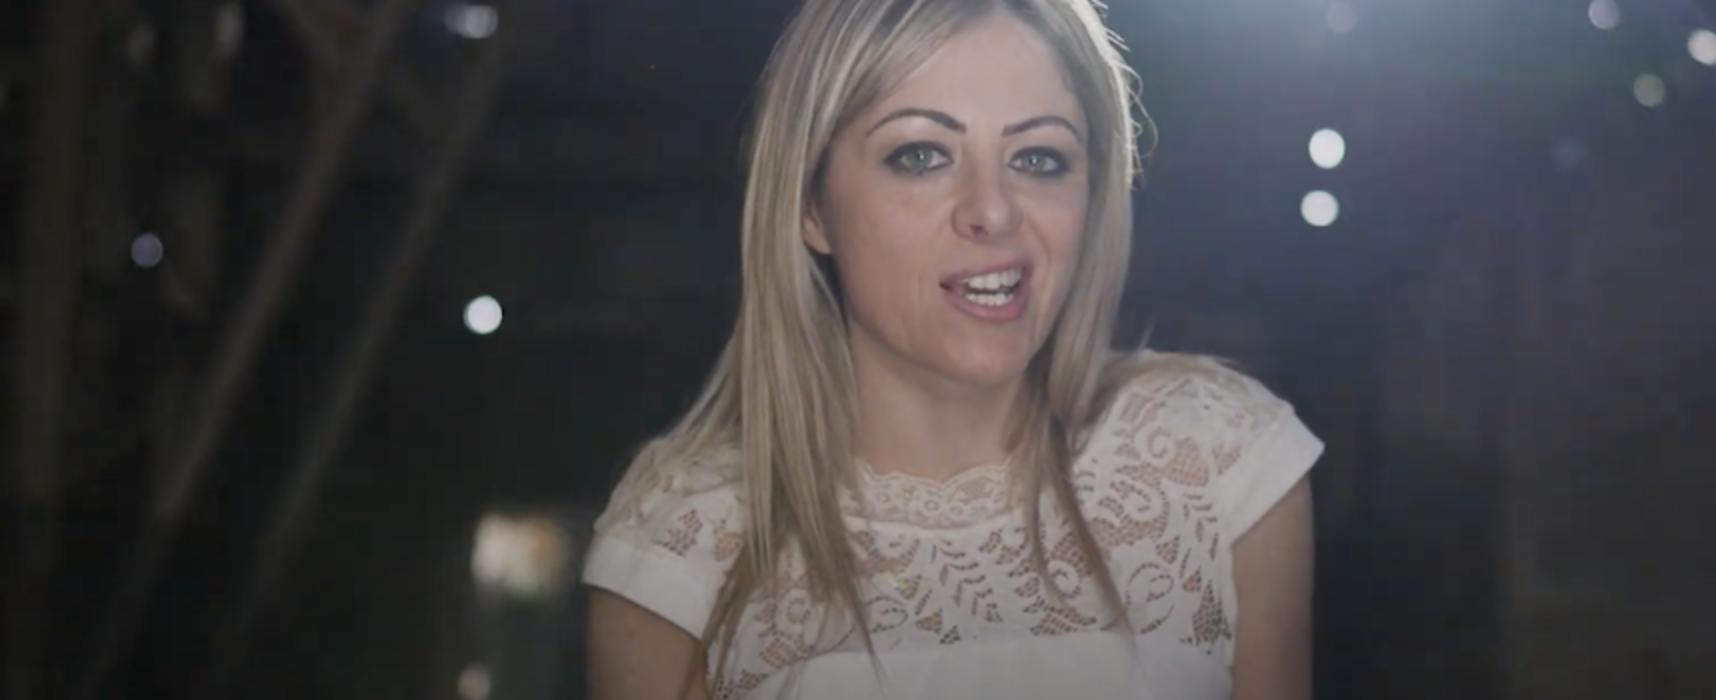 """La biscegliese Lusy Pedone presenta il brano musicale """"All'Inferno"""" / VIDEO"""